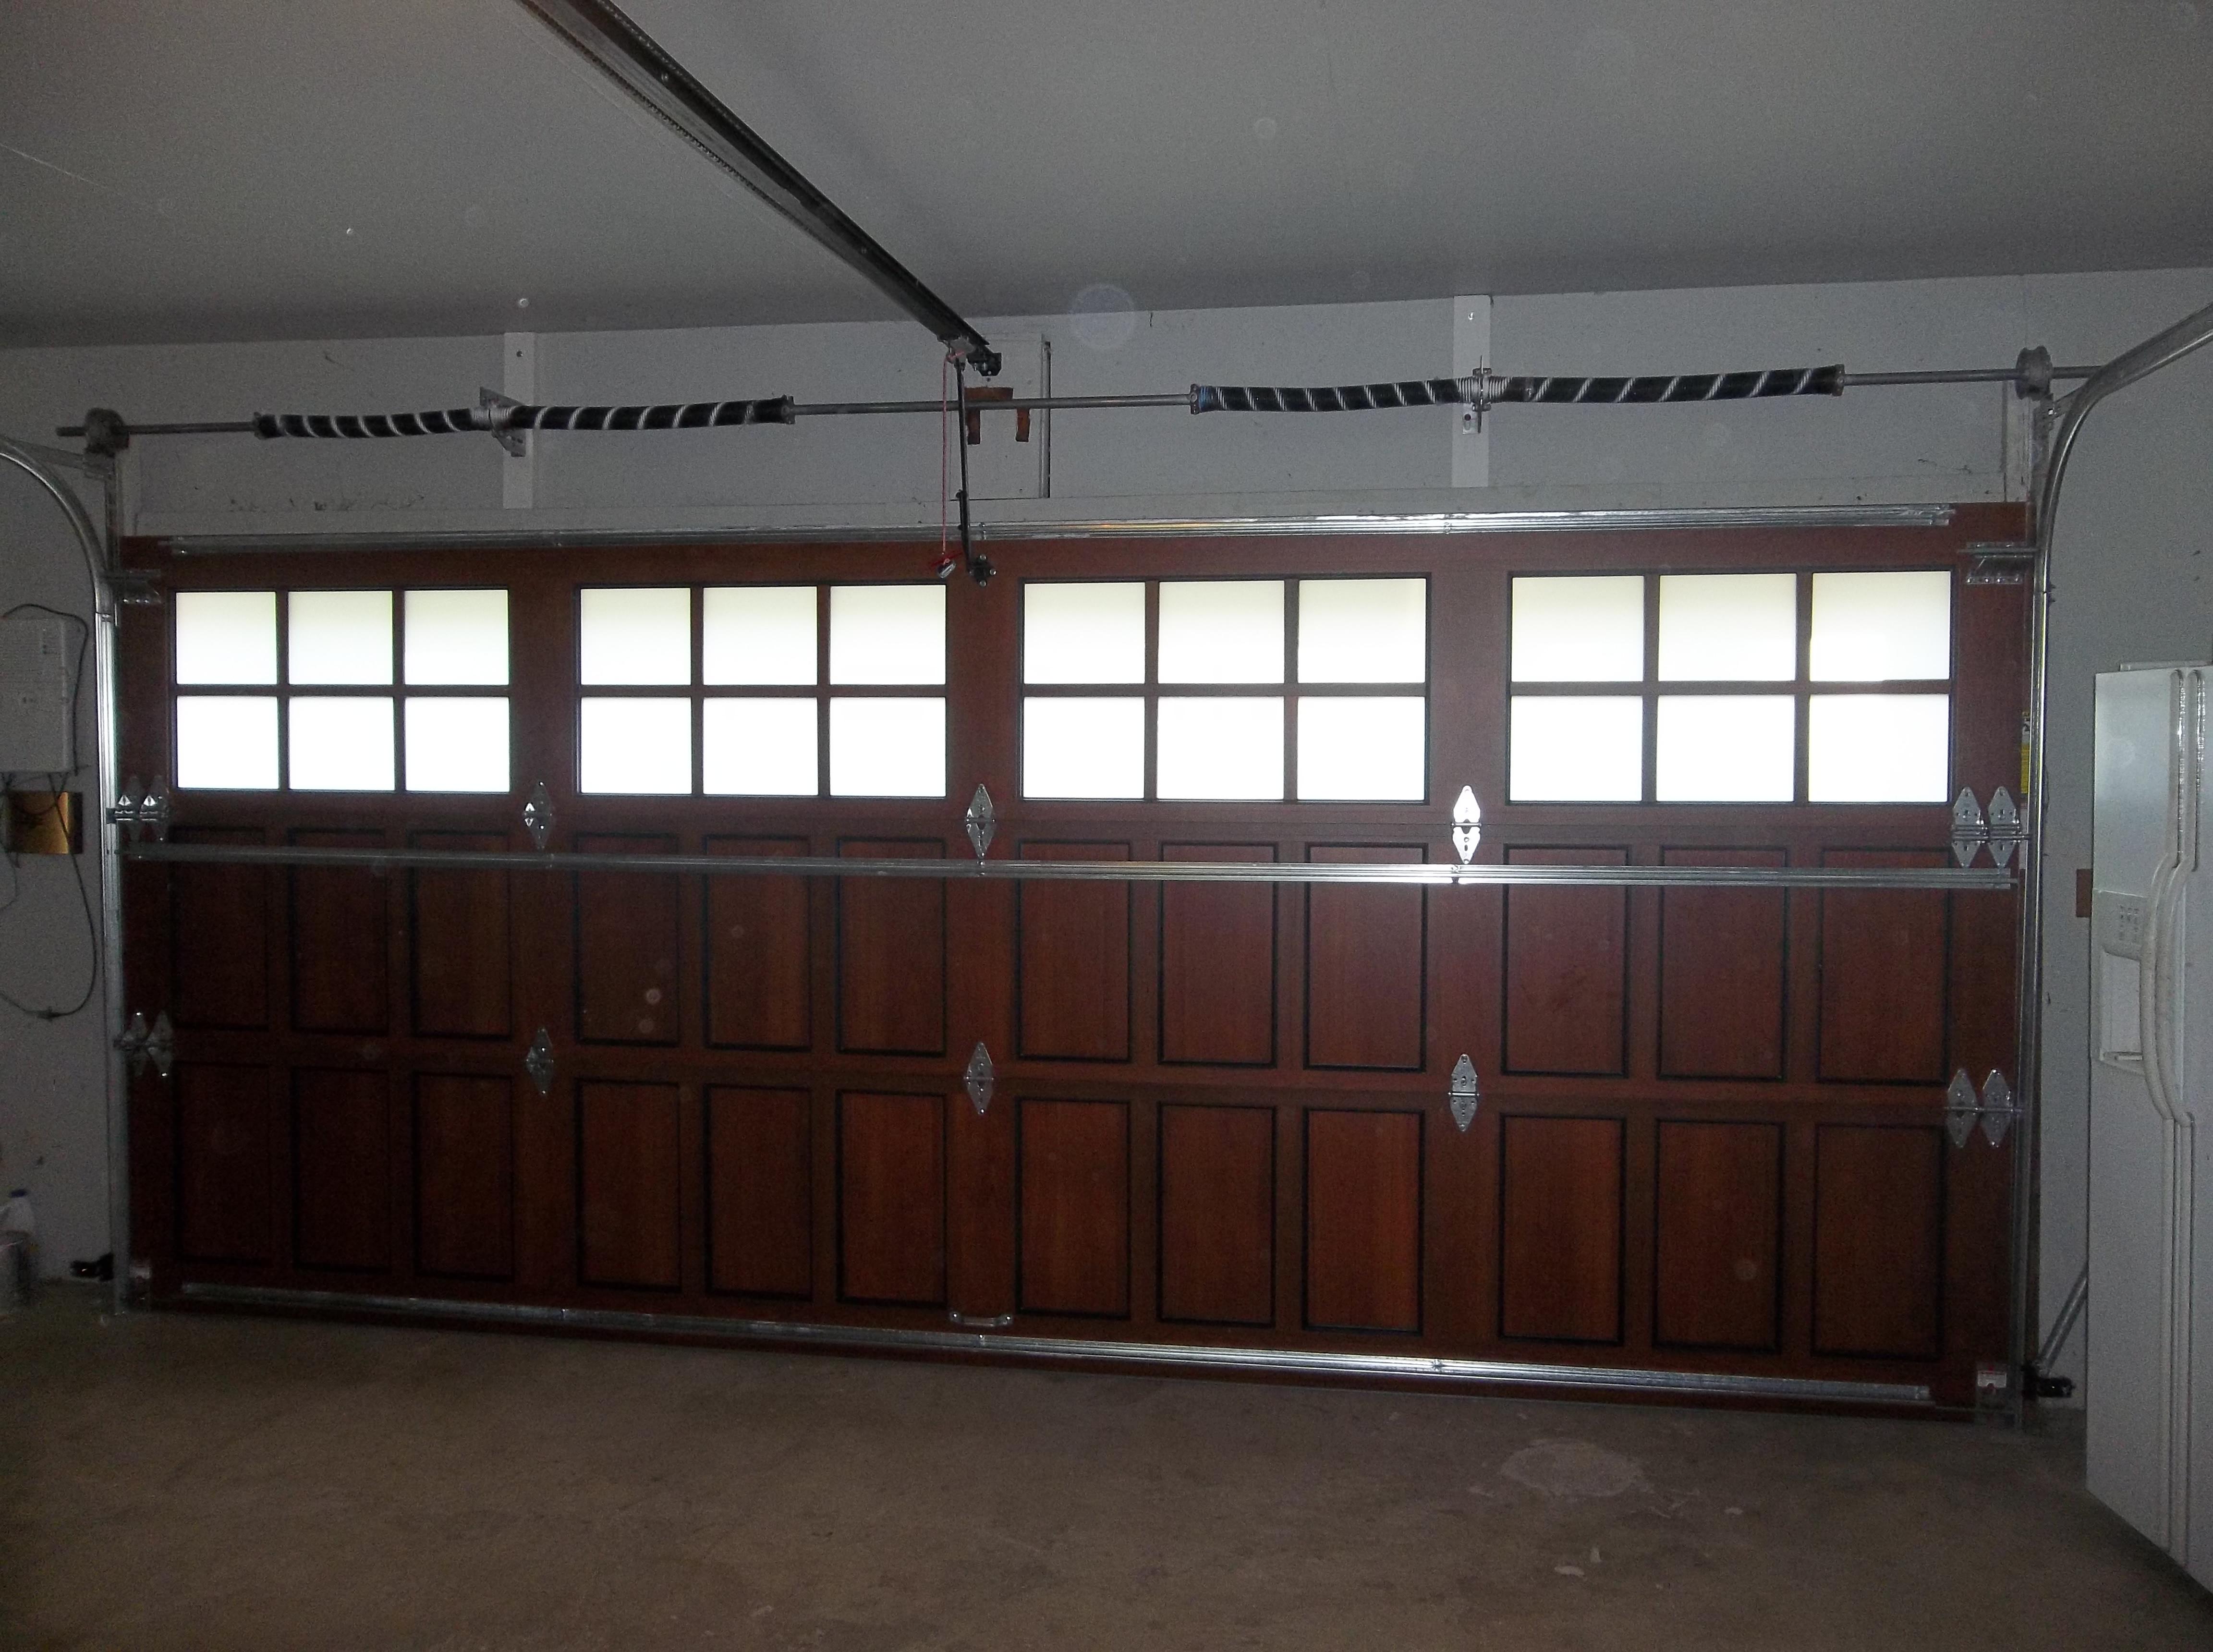 3440 #372A26 Garage Door Safety Tips wallpaper Martin Overhead Garage Doors 35954608